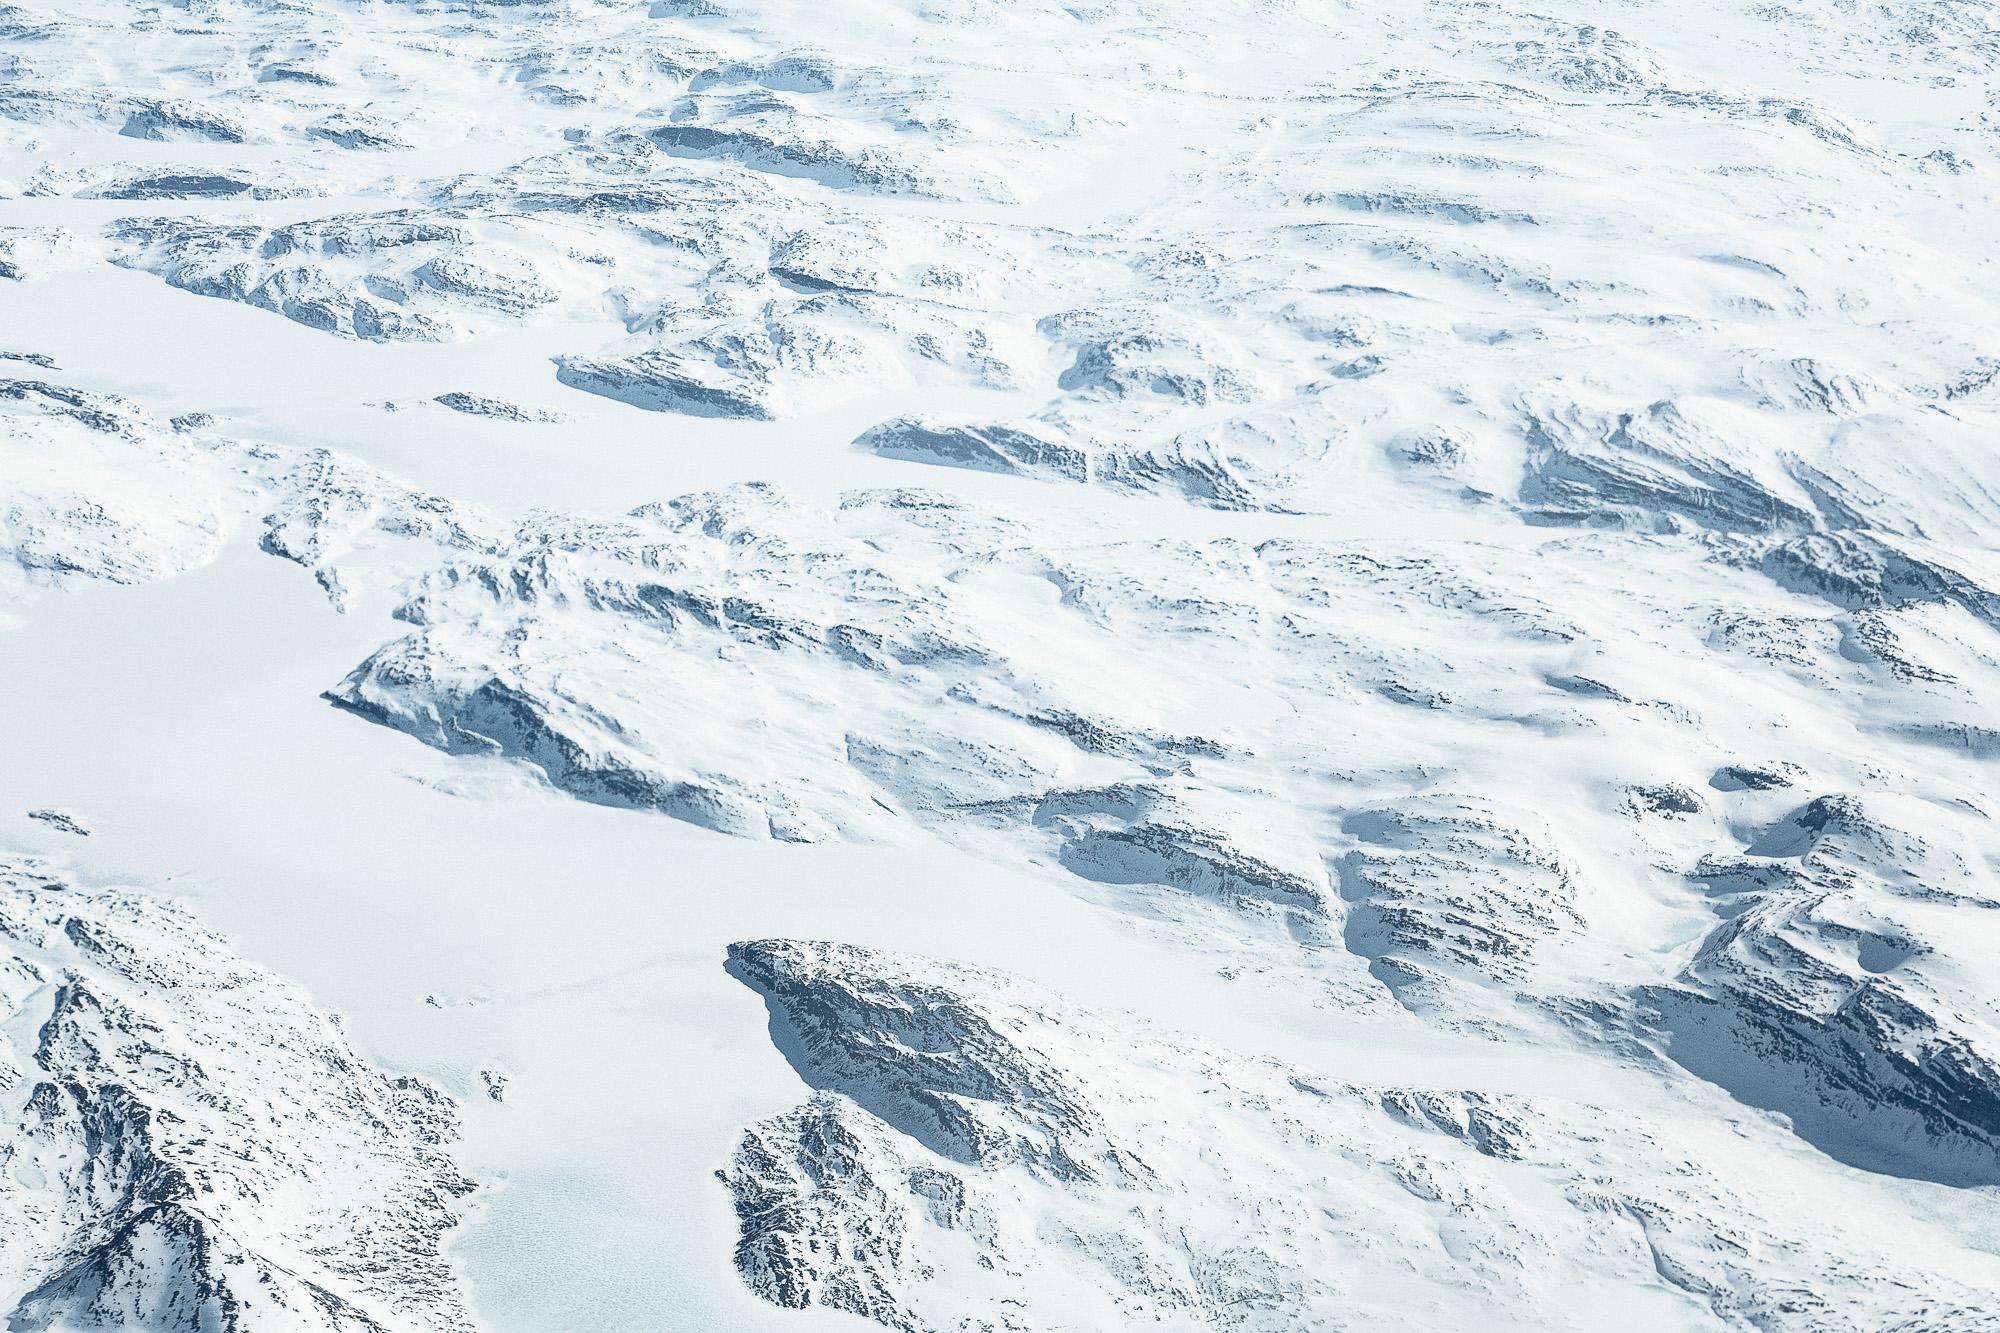 Greenland III, 2013